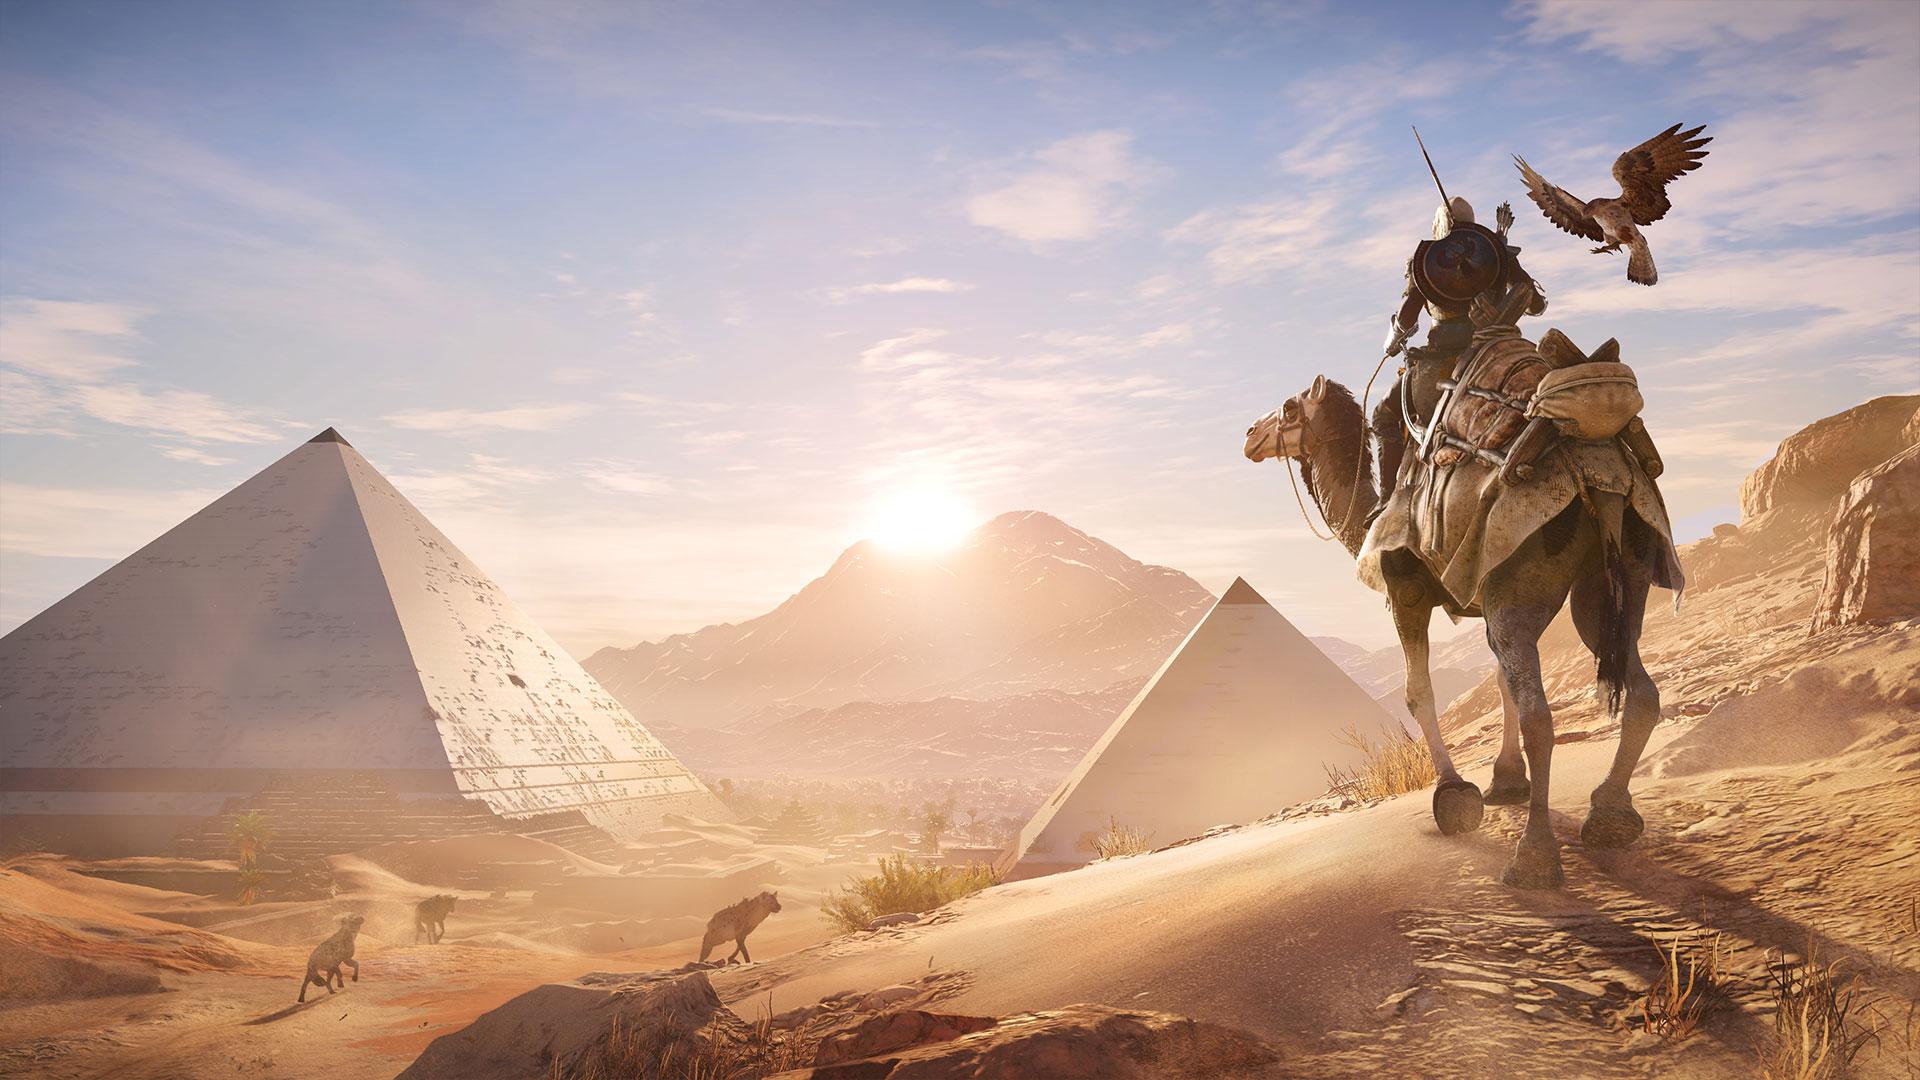 В Assassin's Creed: Origins можно будет менять сложность и гладить кошек